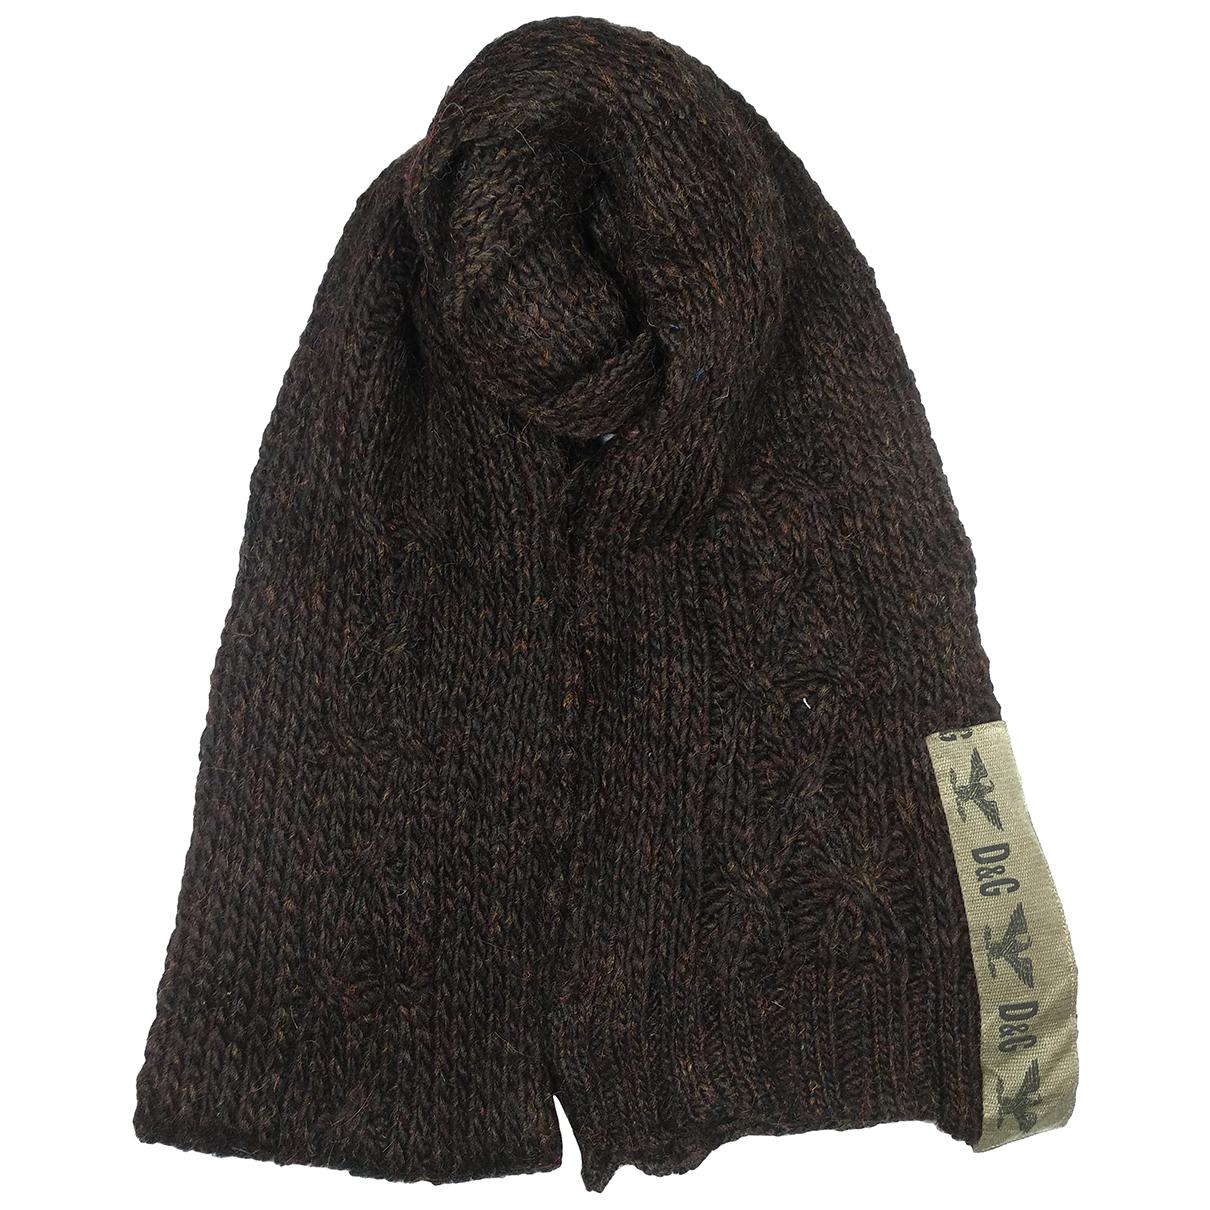 D&g \N Brown Wool scarf for Women \N